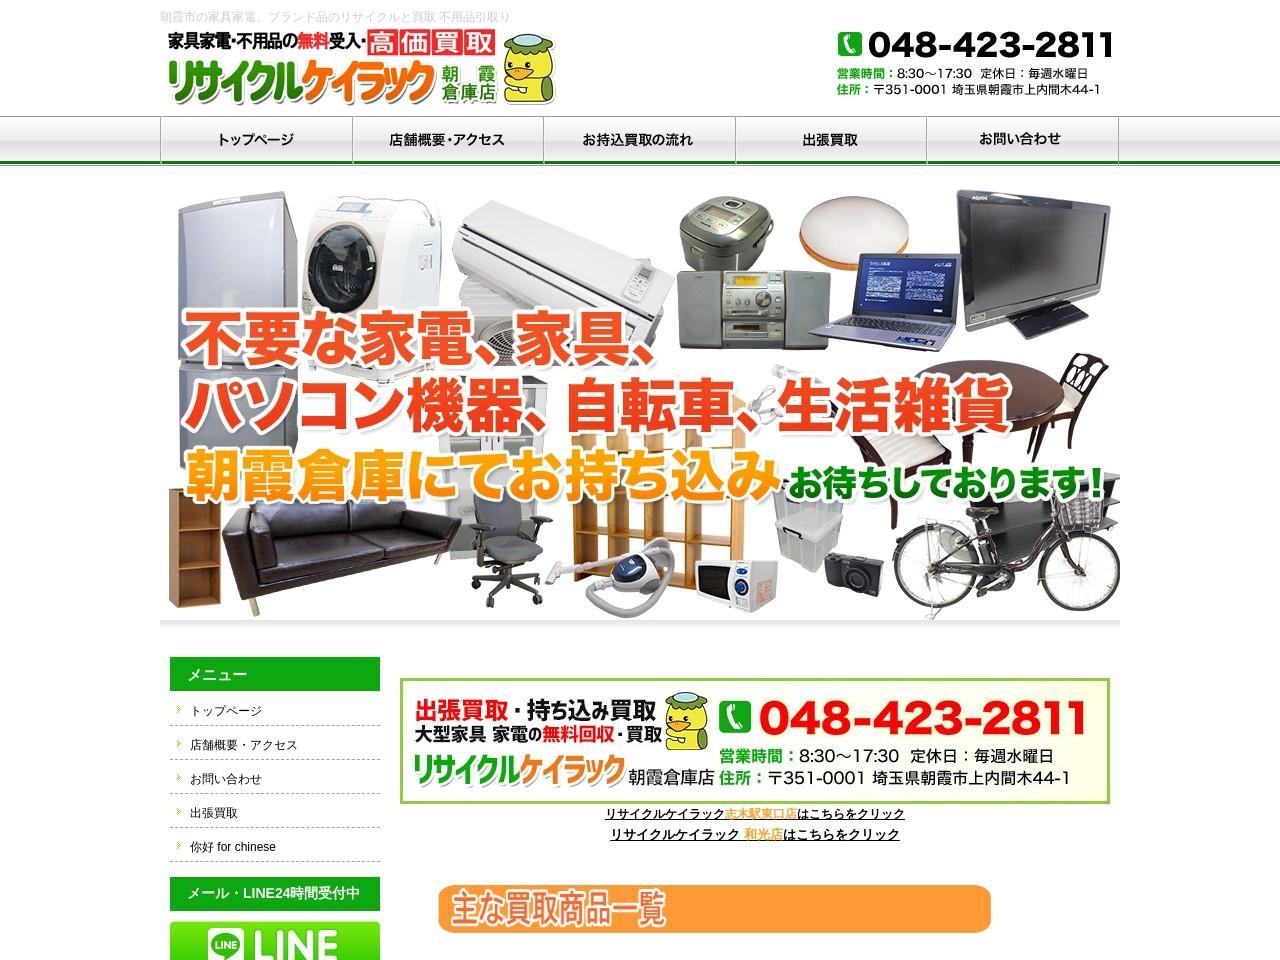 リサイクルケイラック 朝霞市本店|家具家電の無料回収と買取